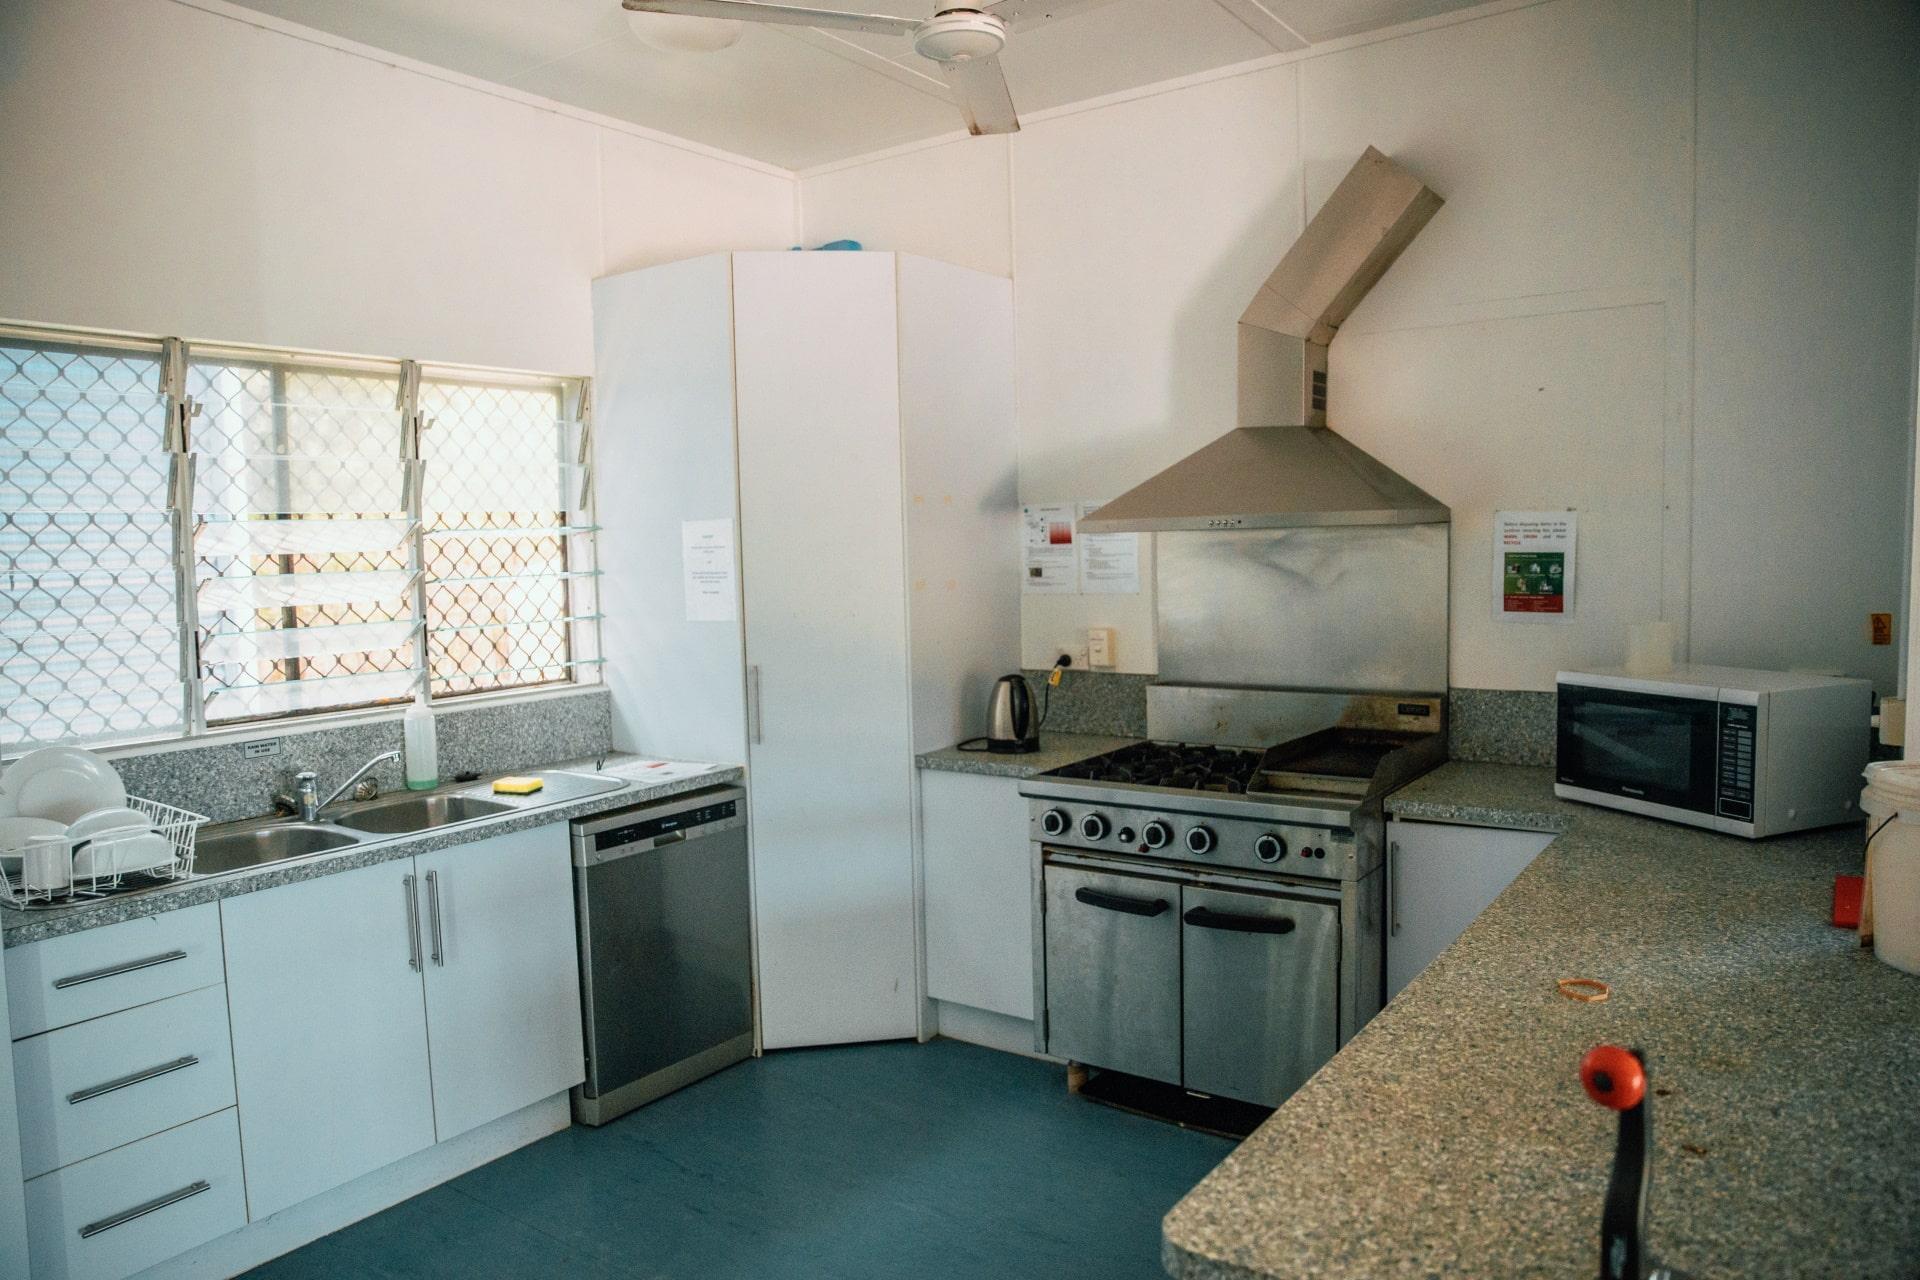 communal kitchen oven.